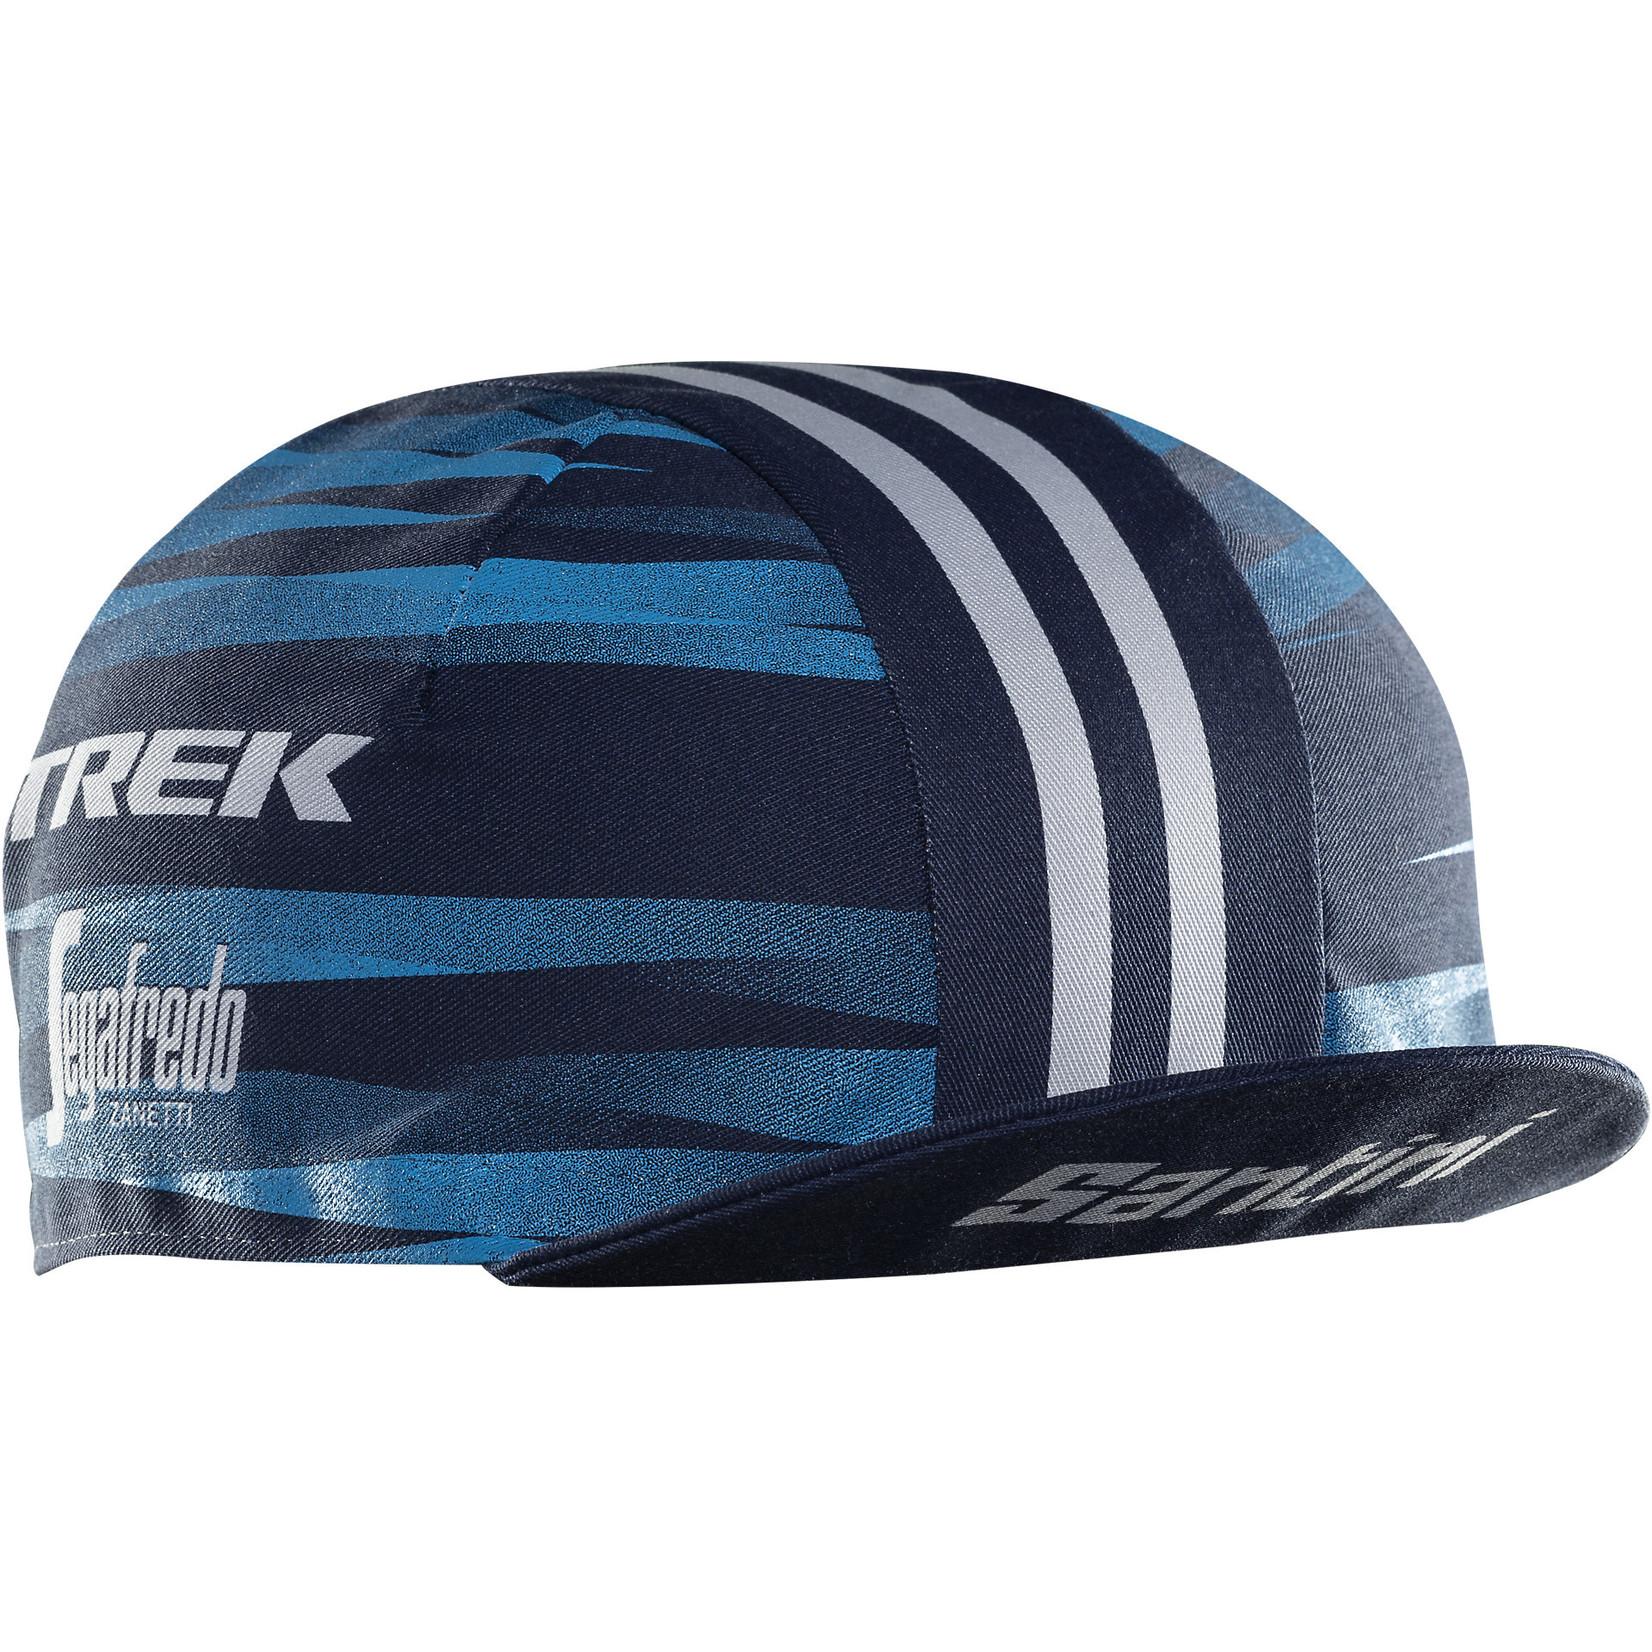 Trek Santini cycling cap blue